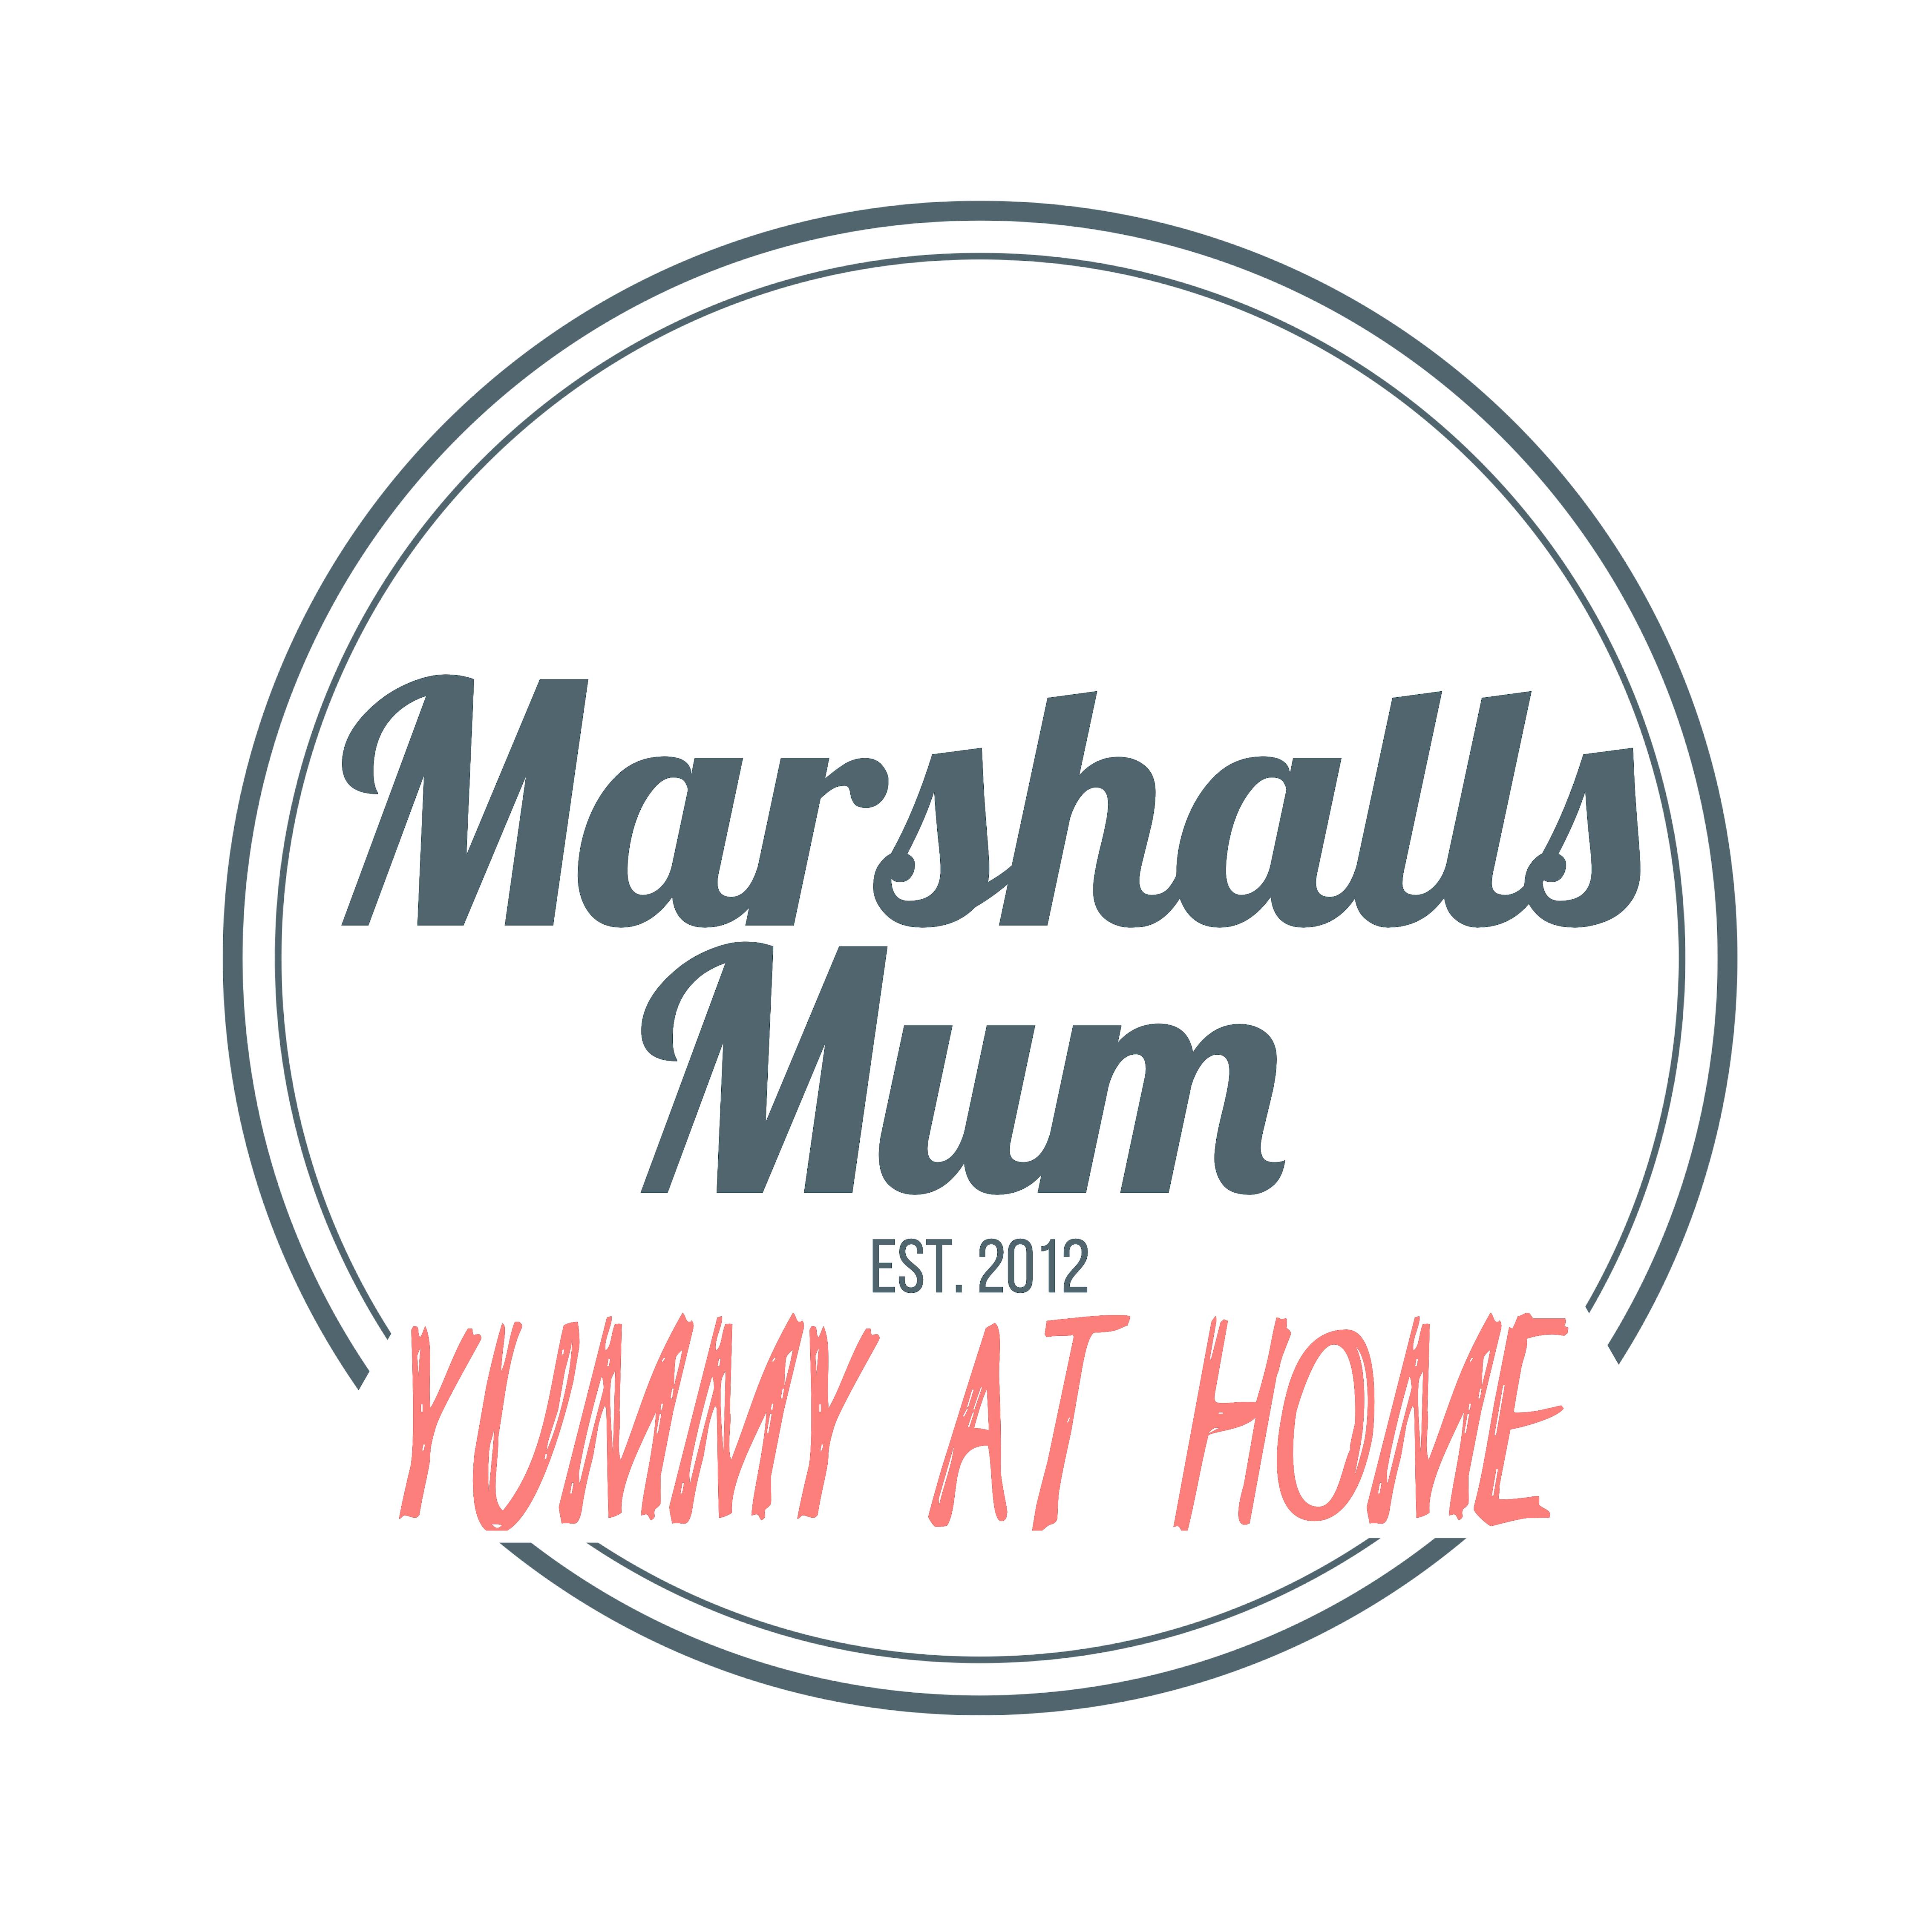 Marshalls Mum